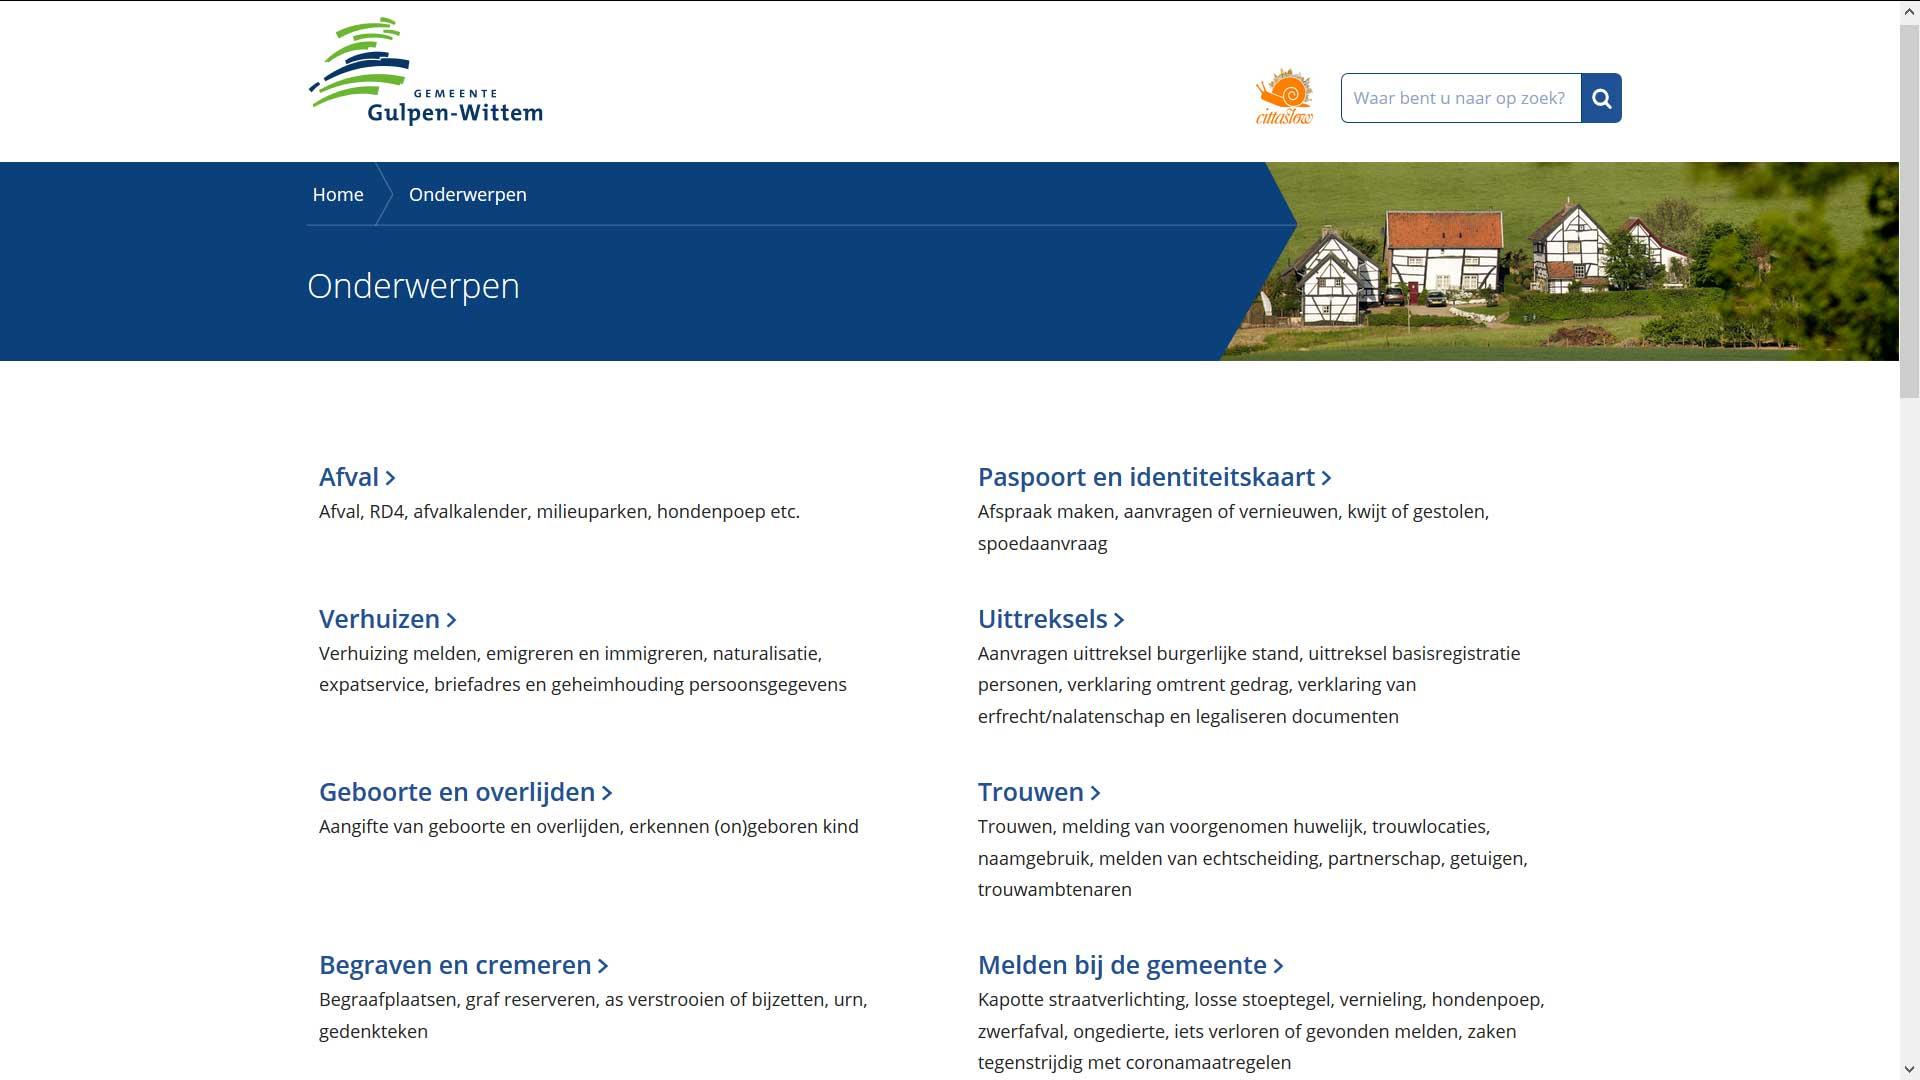 Overzichtspagina website gemeente Gulpen-Wittem | Toptaken website